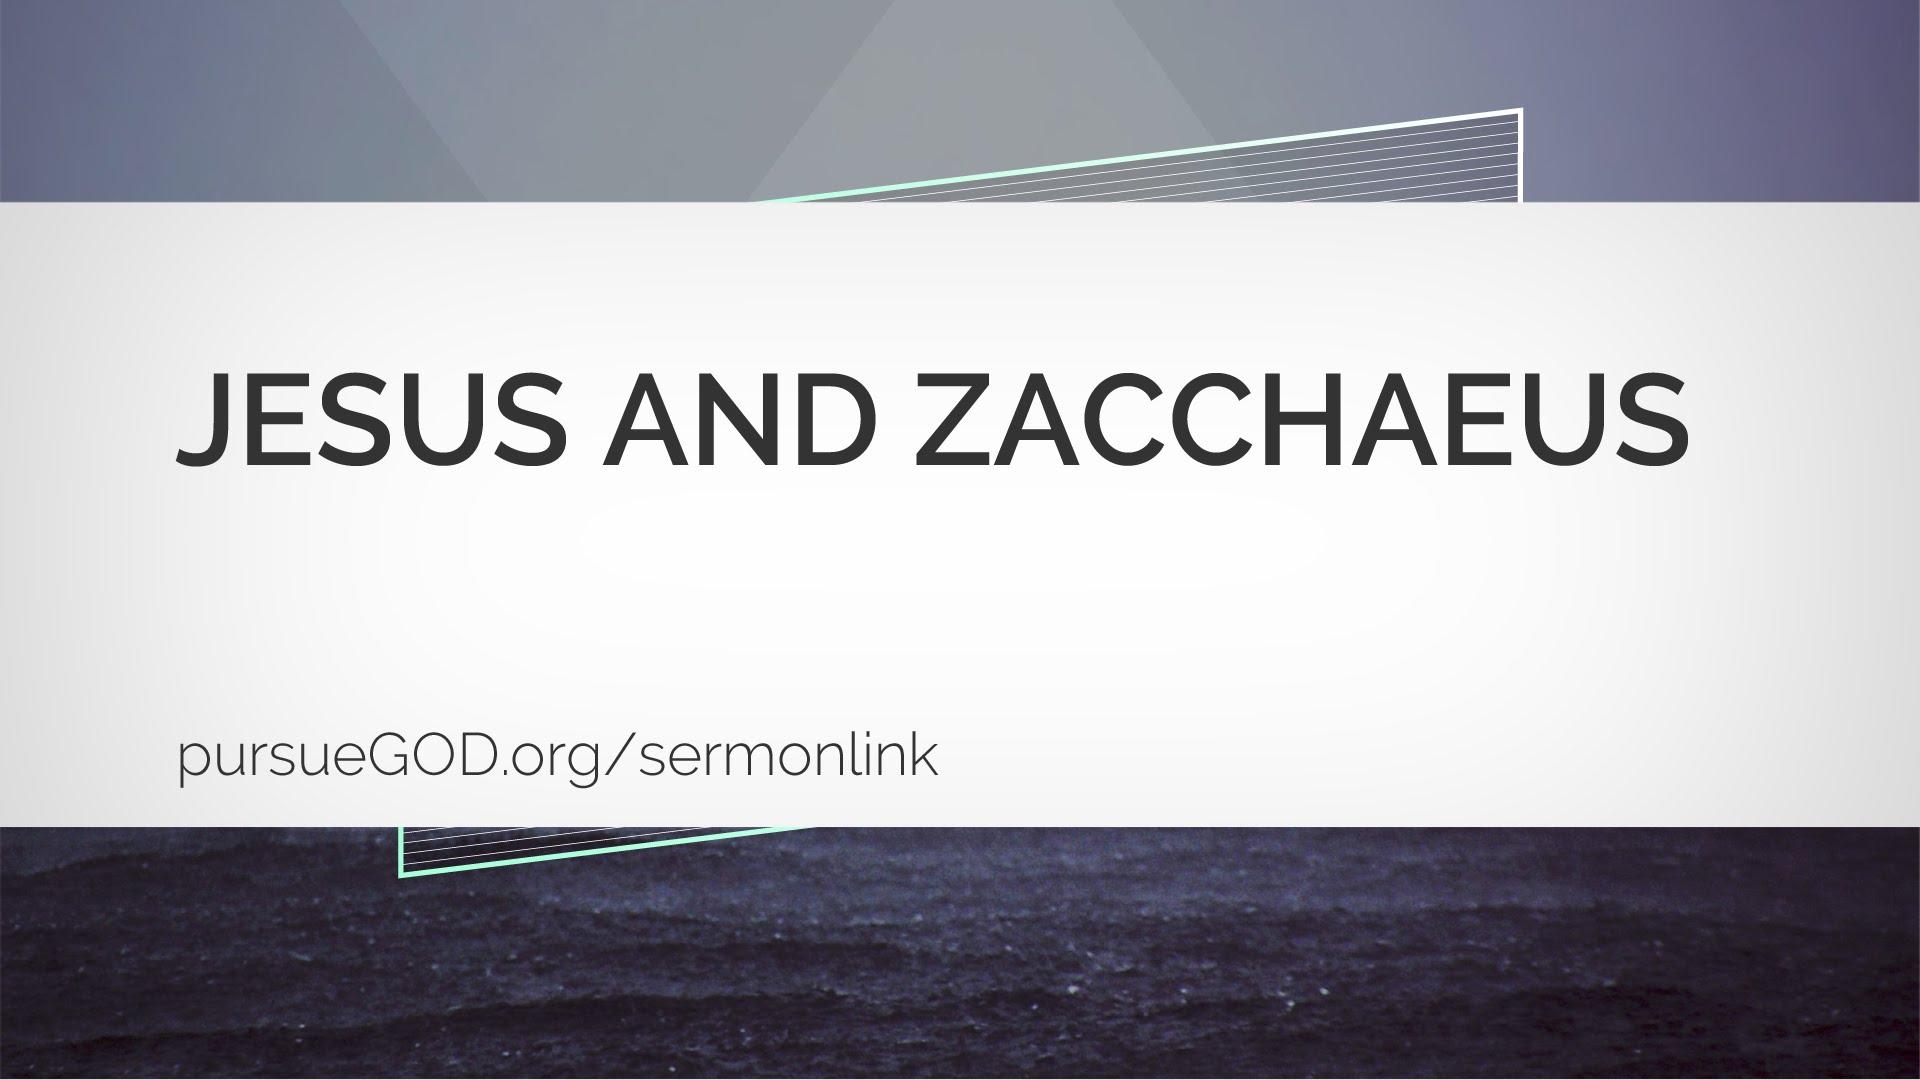 Jesus and Zacchaeus